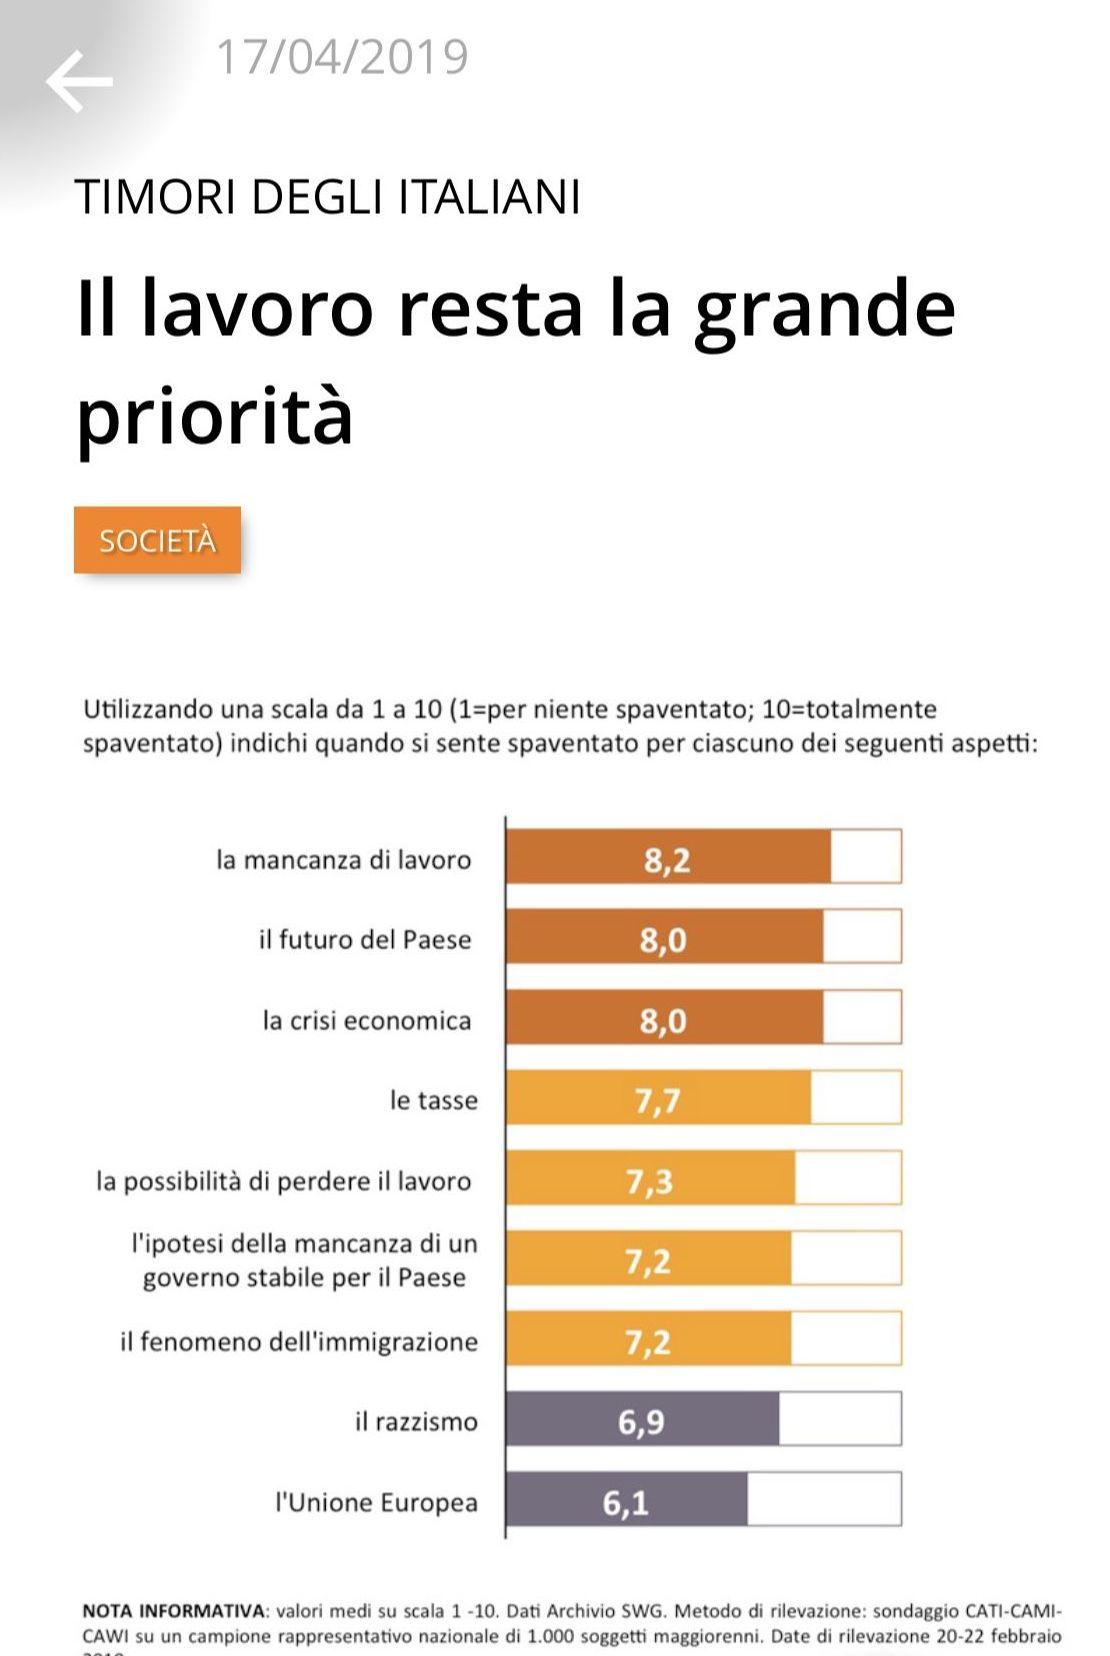 I timori degli italiani secondo l'istituto demoscopico SWG